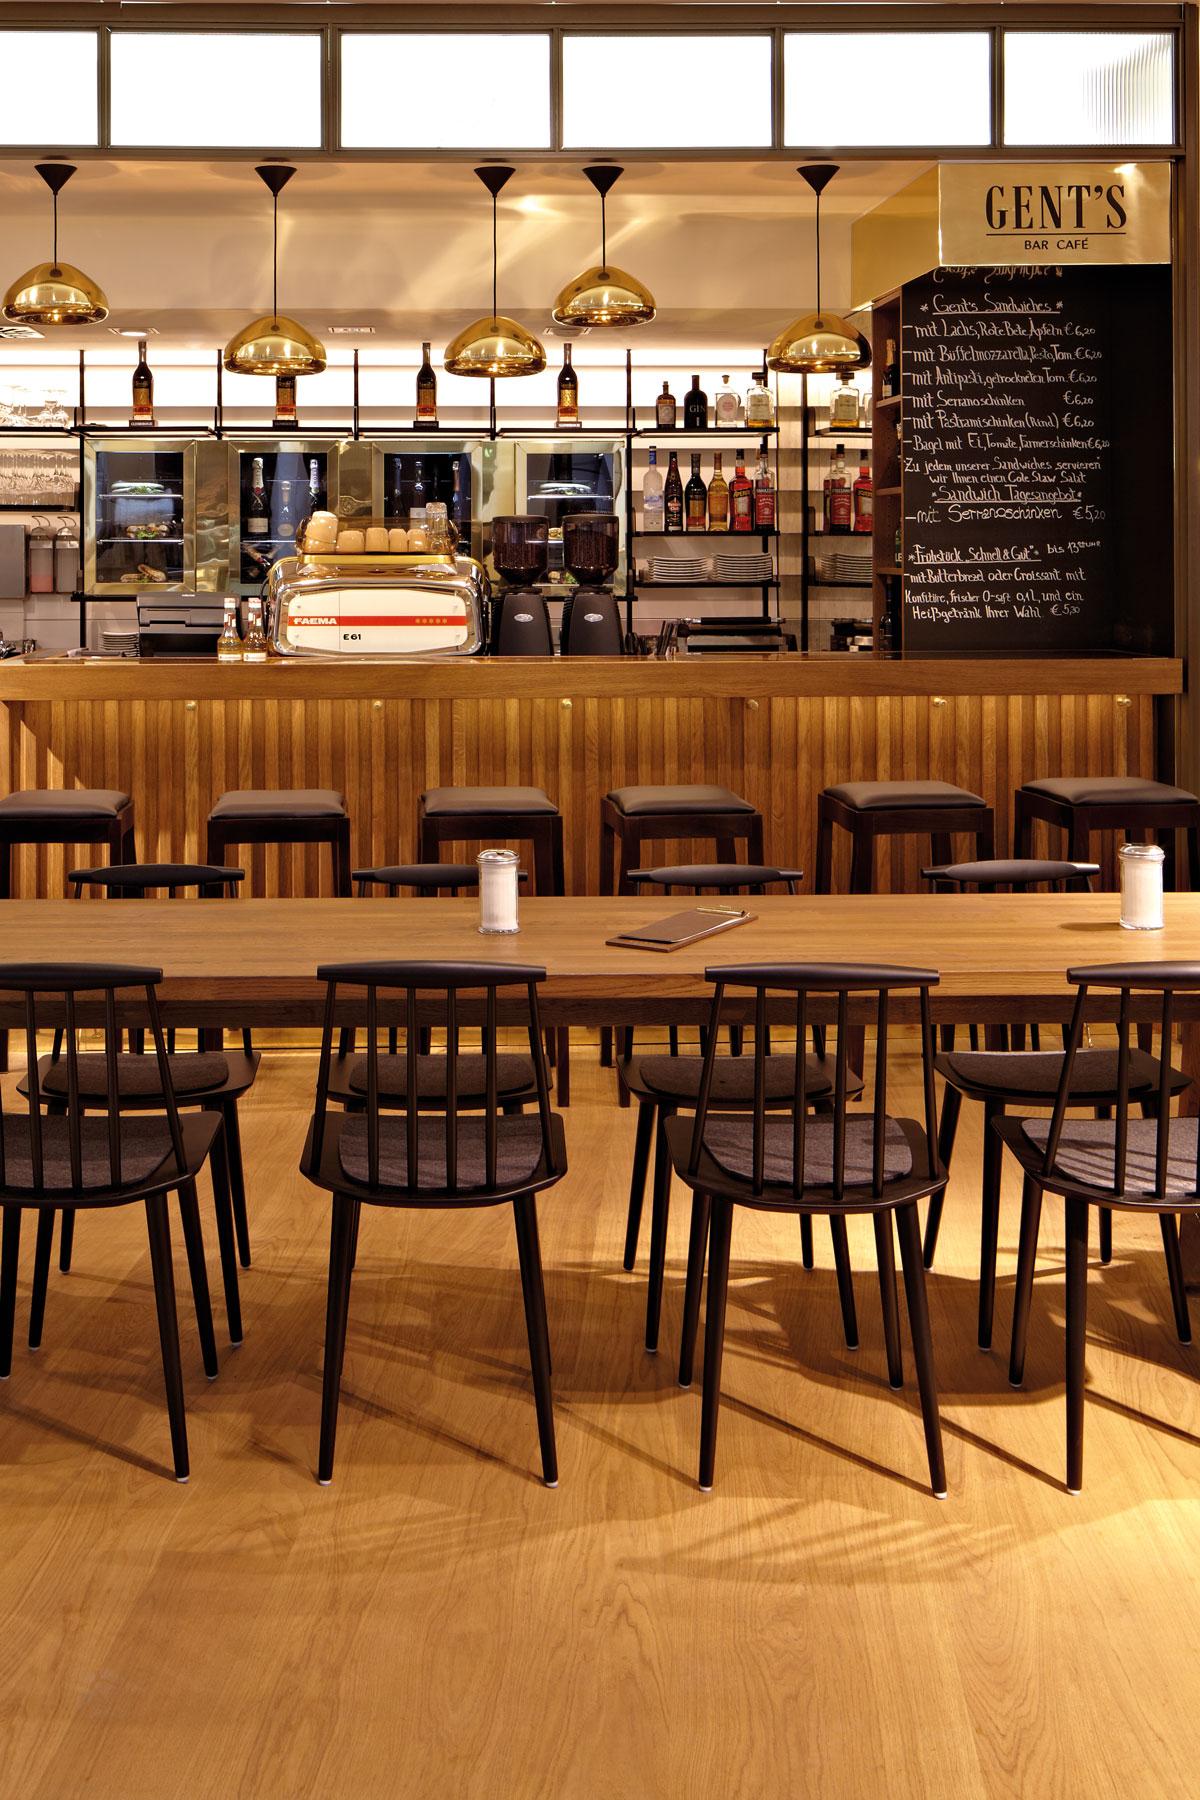 cafe gents, bar